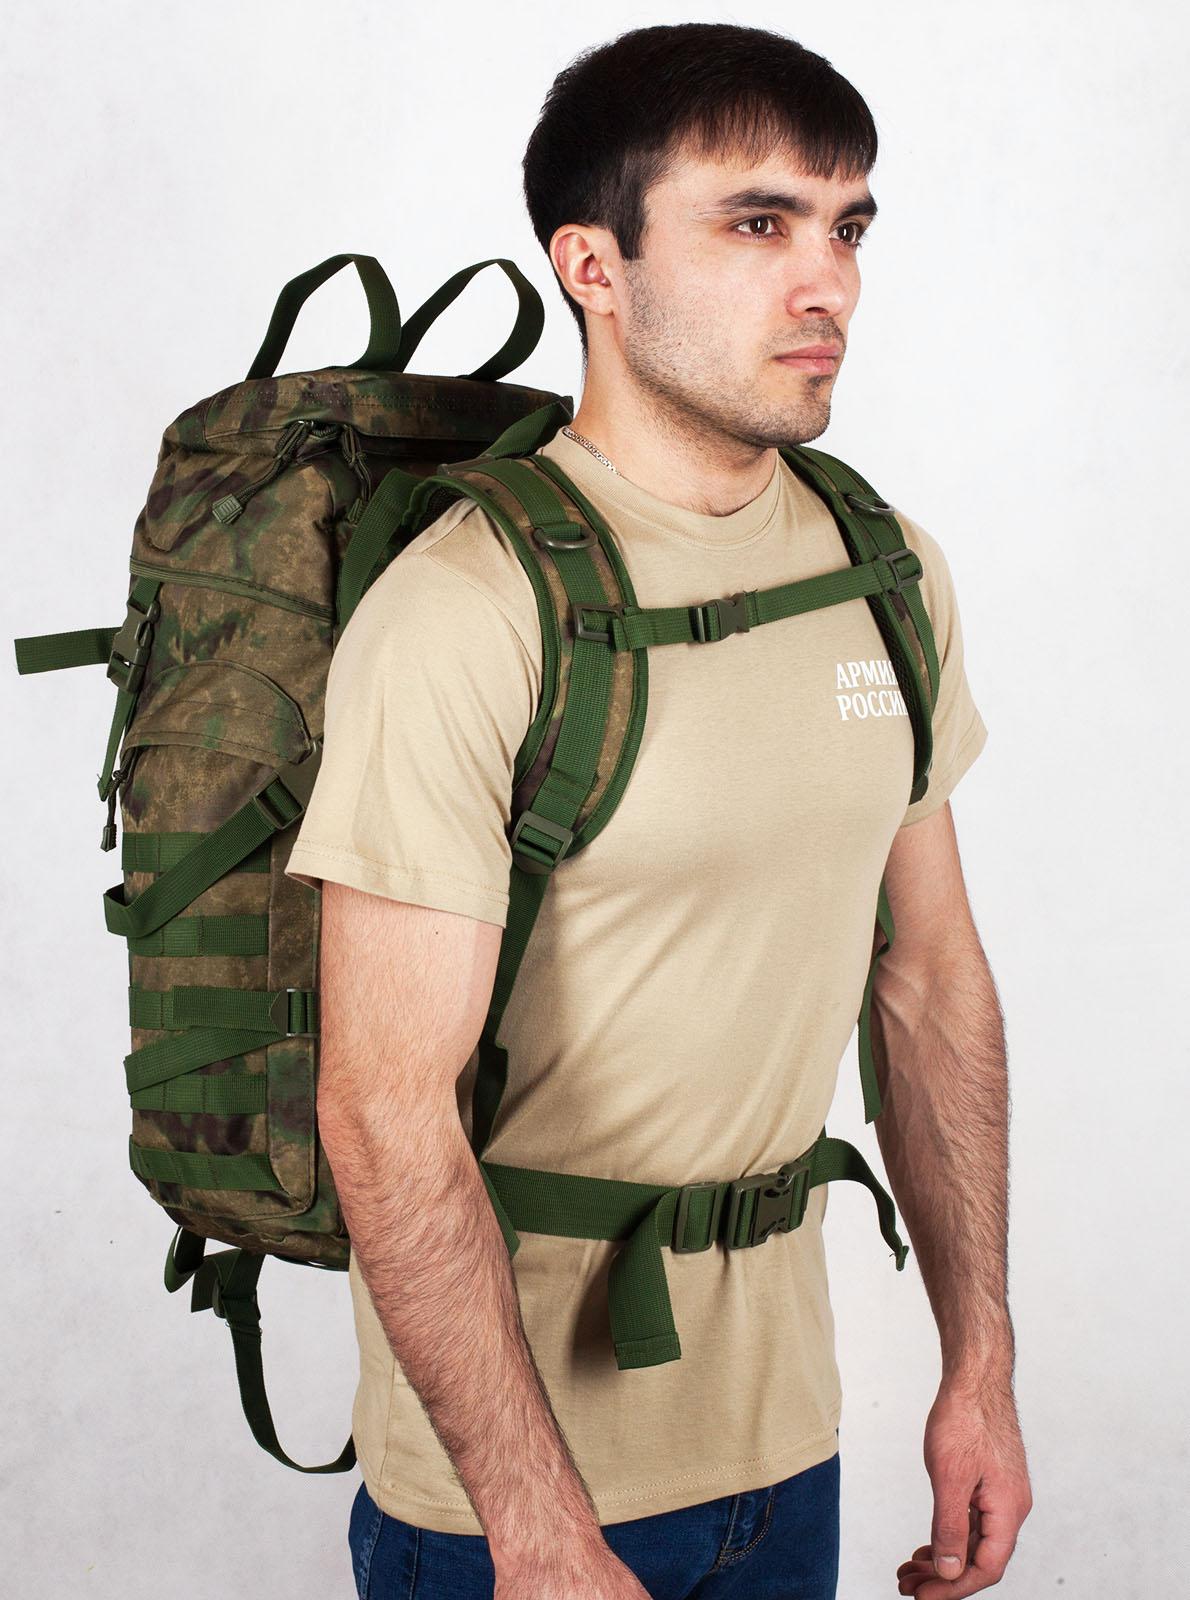 Армейский походный рюкзак камуфляж A-TACS FG с эмблемой СССР оптом в Военпро